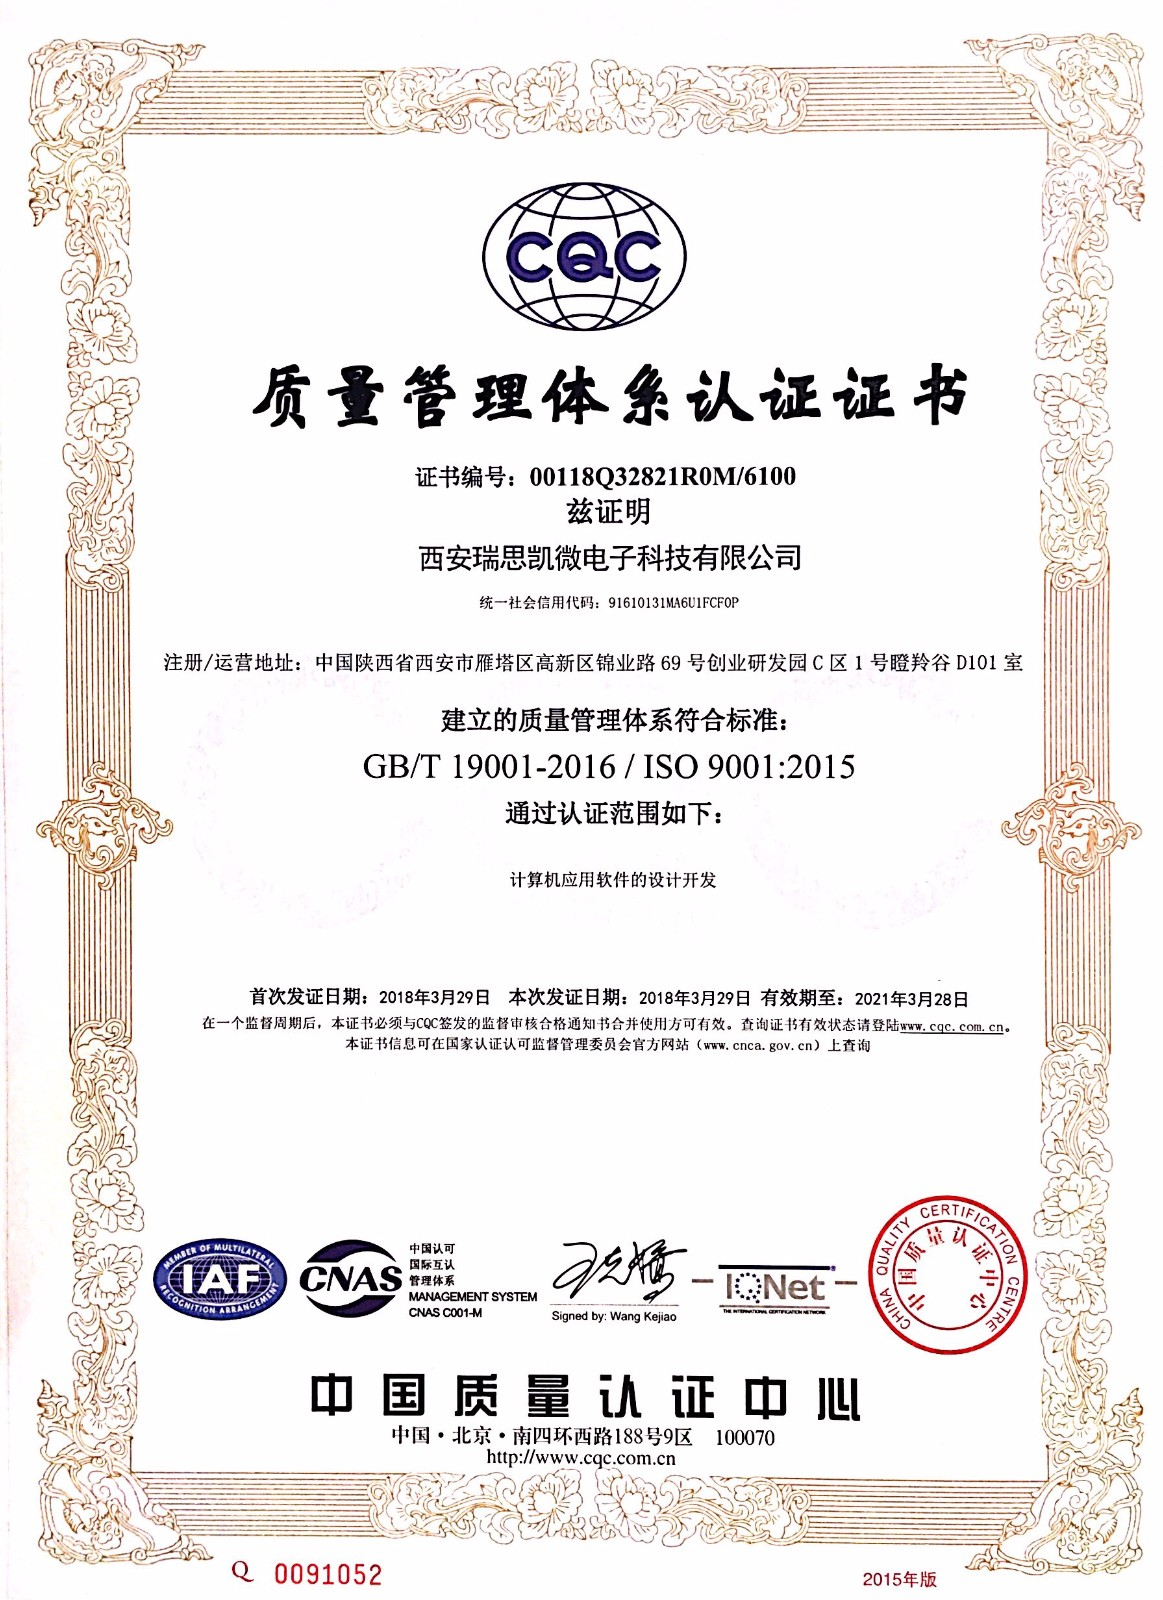 质量管理体系认证|企业荣誉-西安瑞思凯微电子科技有限公司